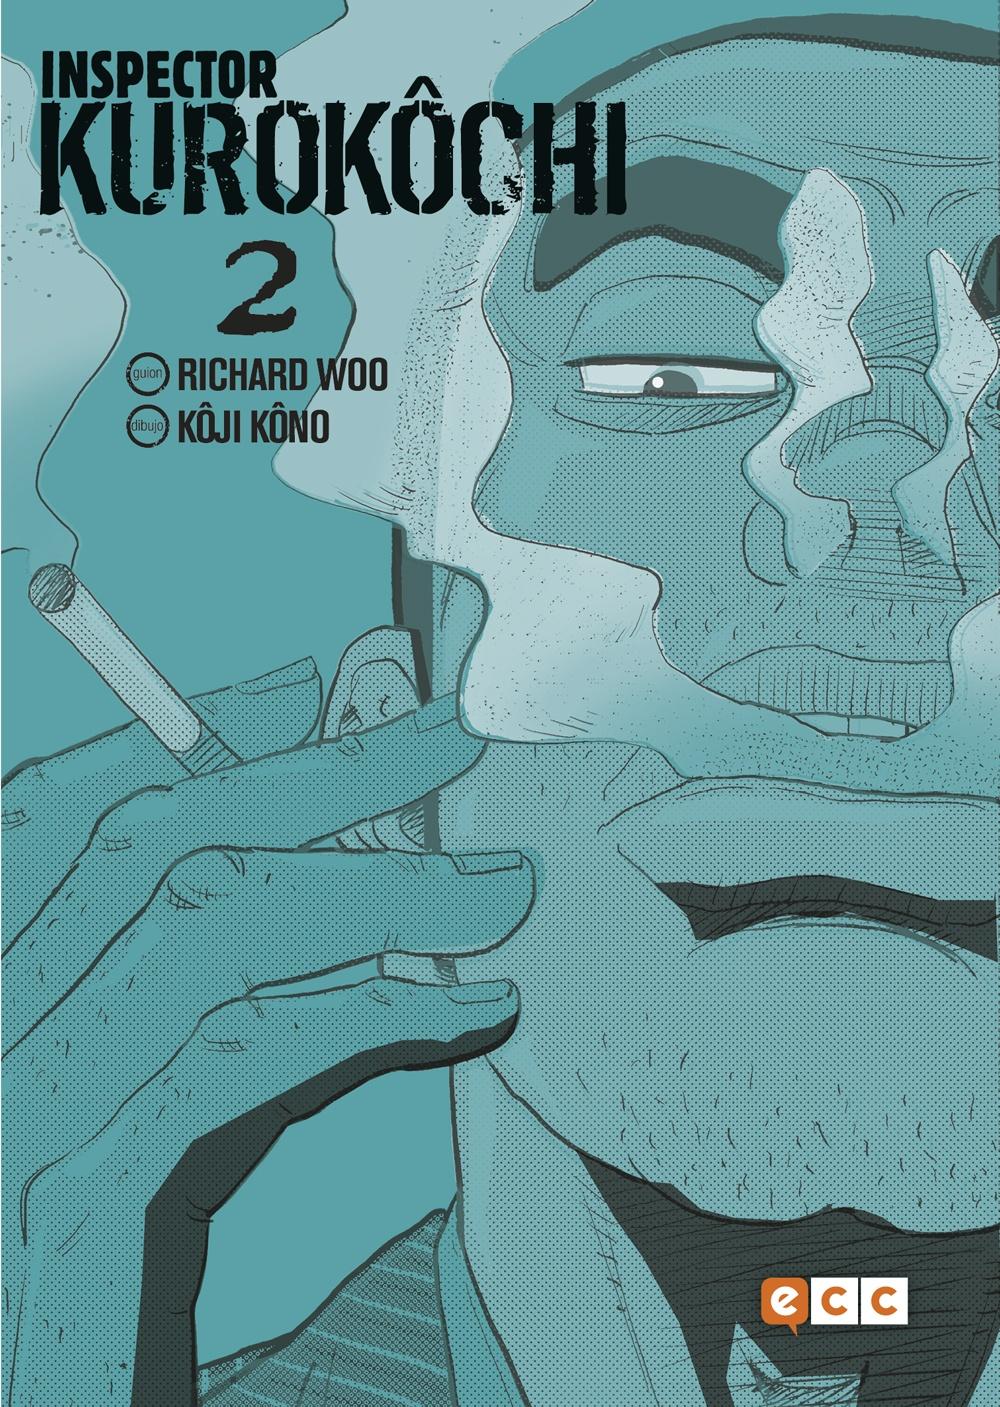 Inspector KuroKôchi Book Cover